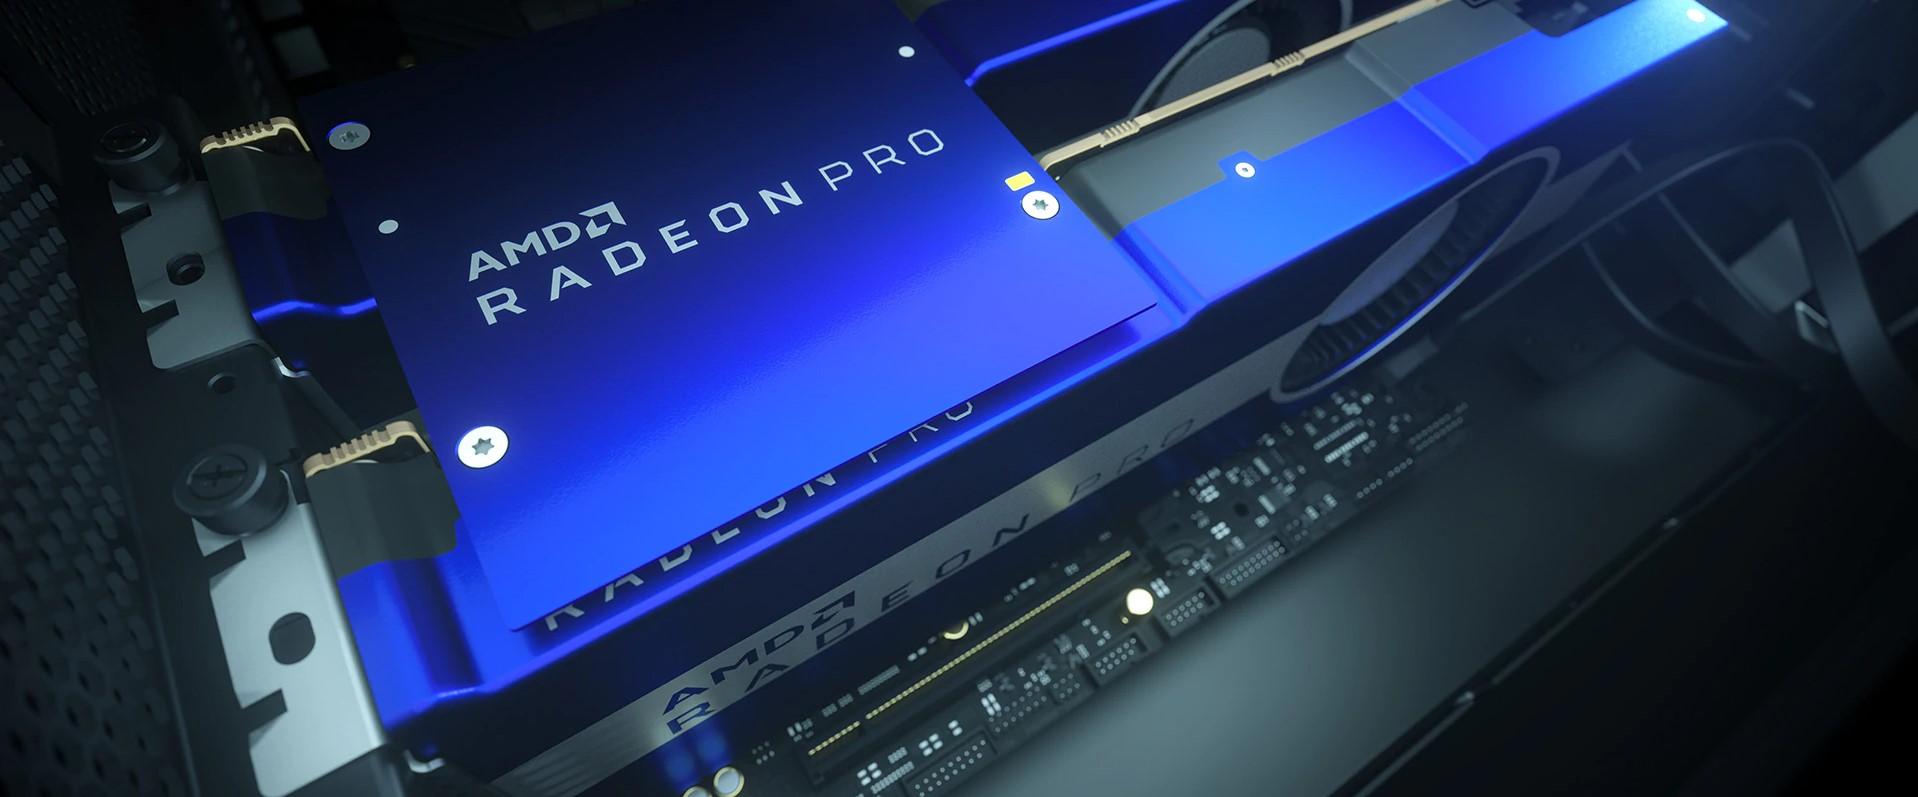 AMD Radeon Pro VII Lansare